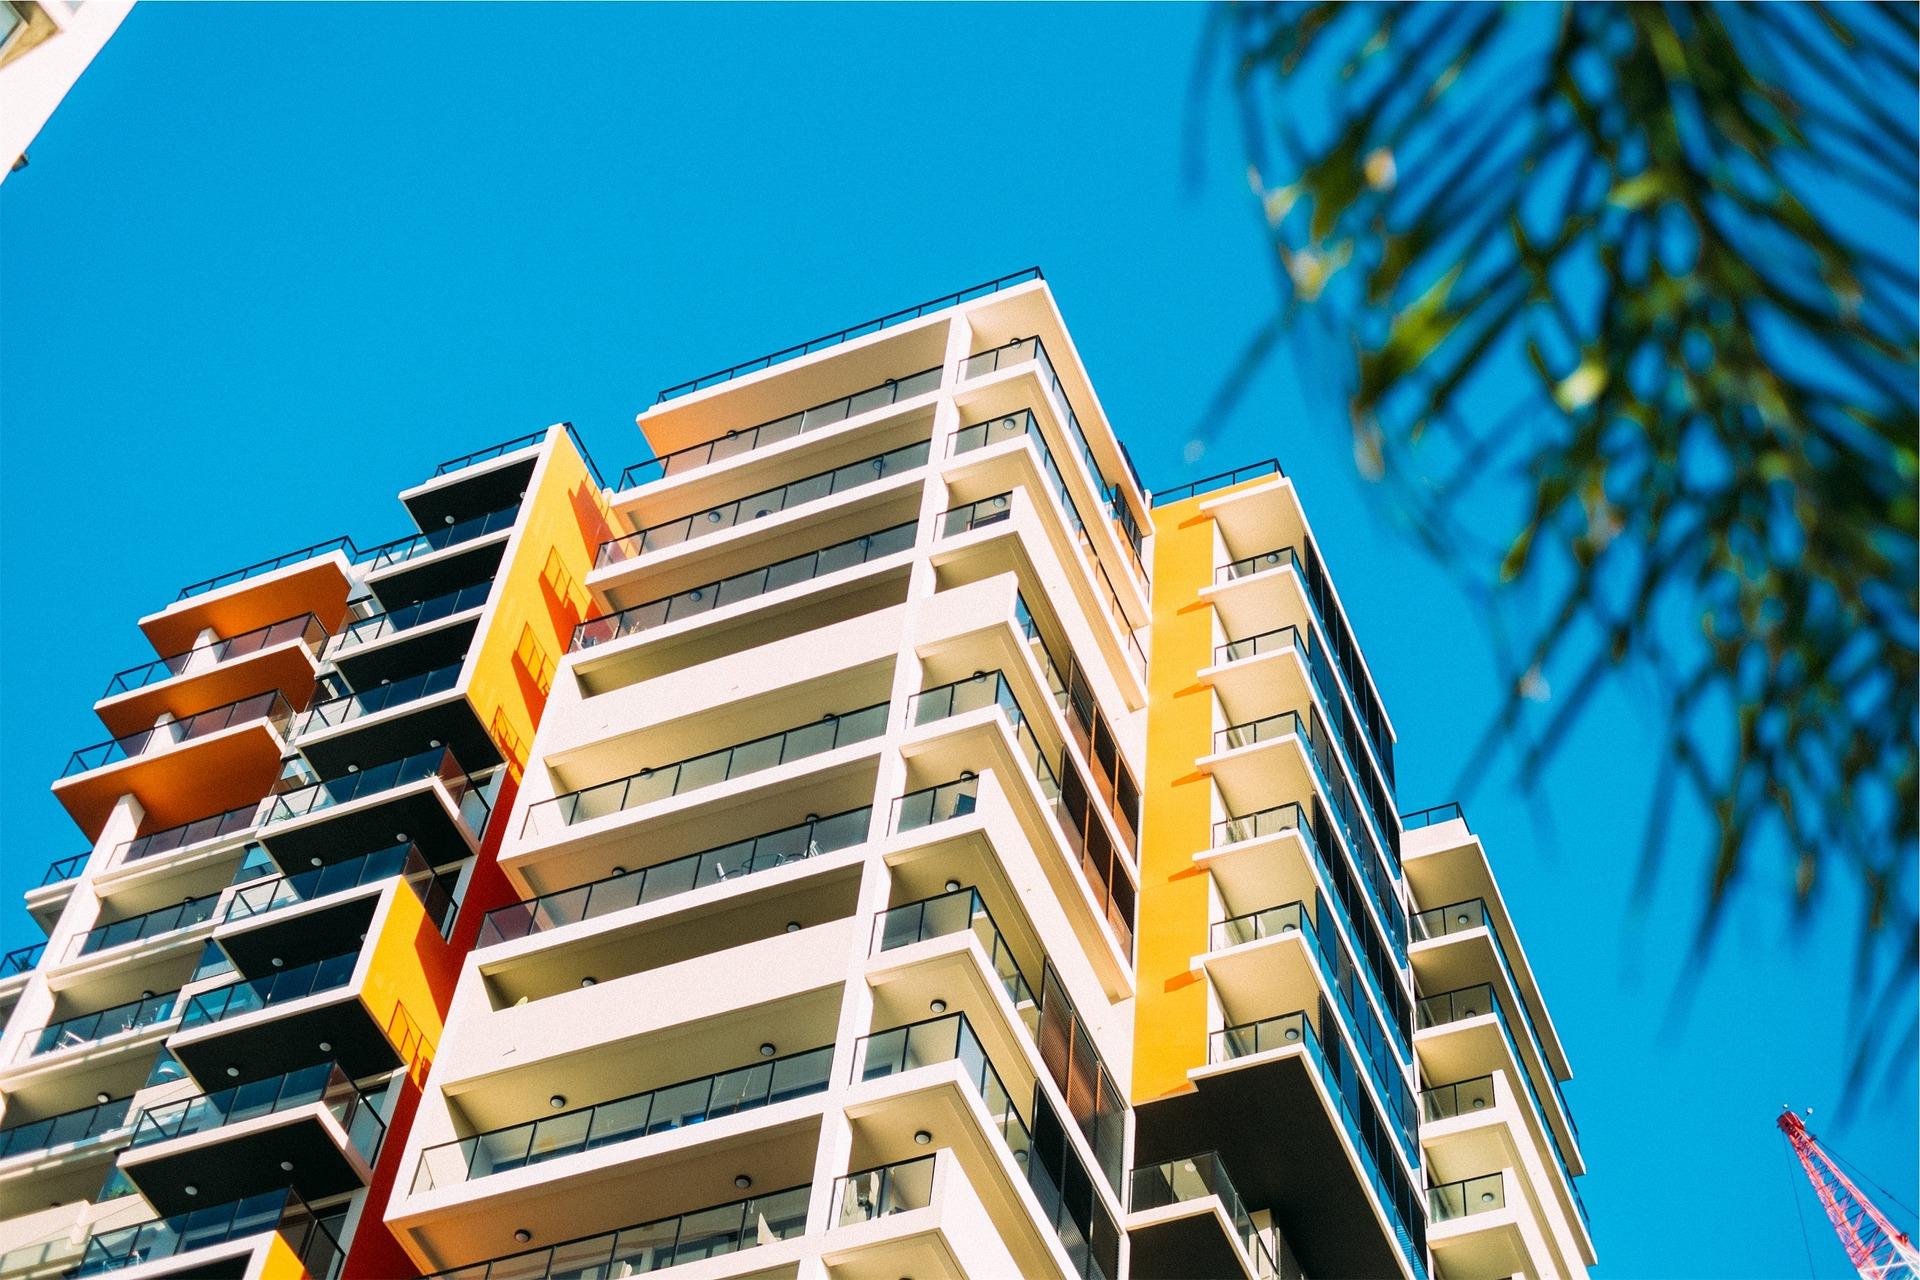 buildings-2626957_1920.jpg